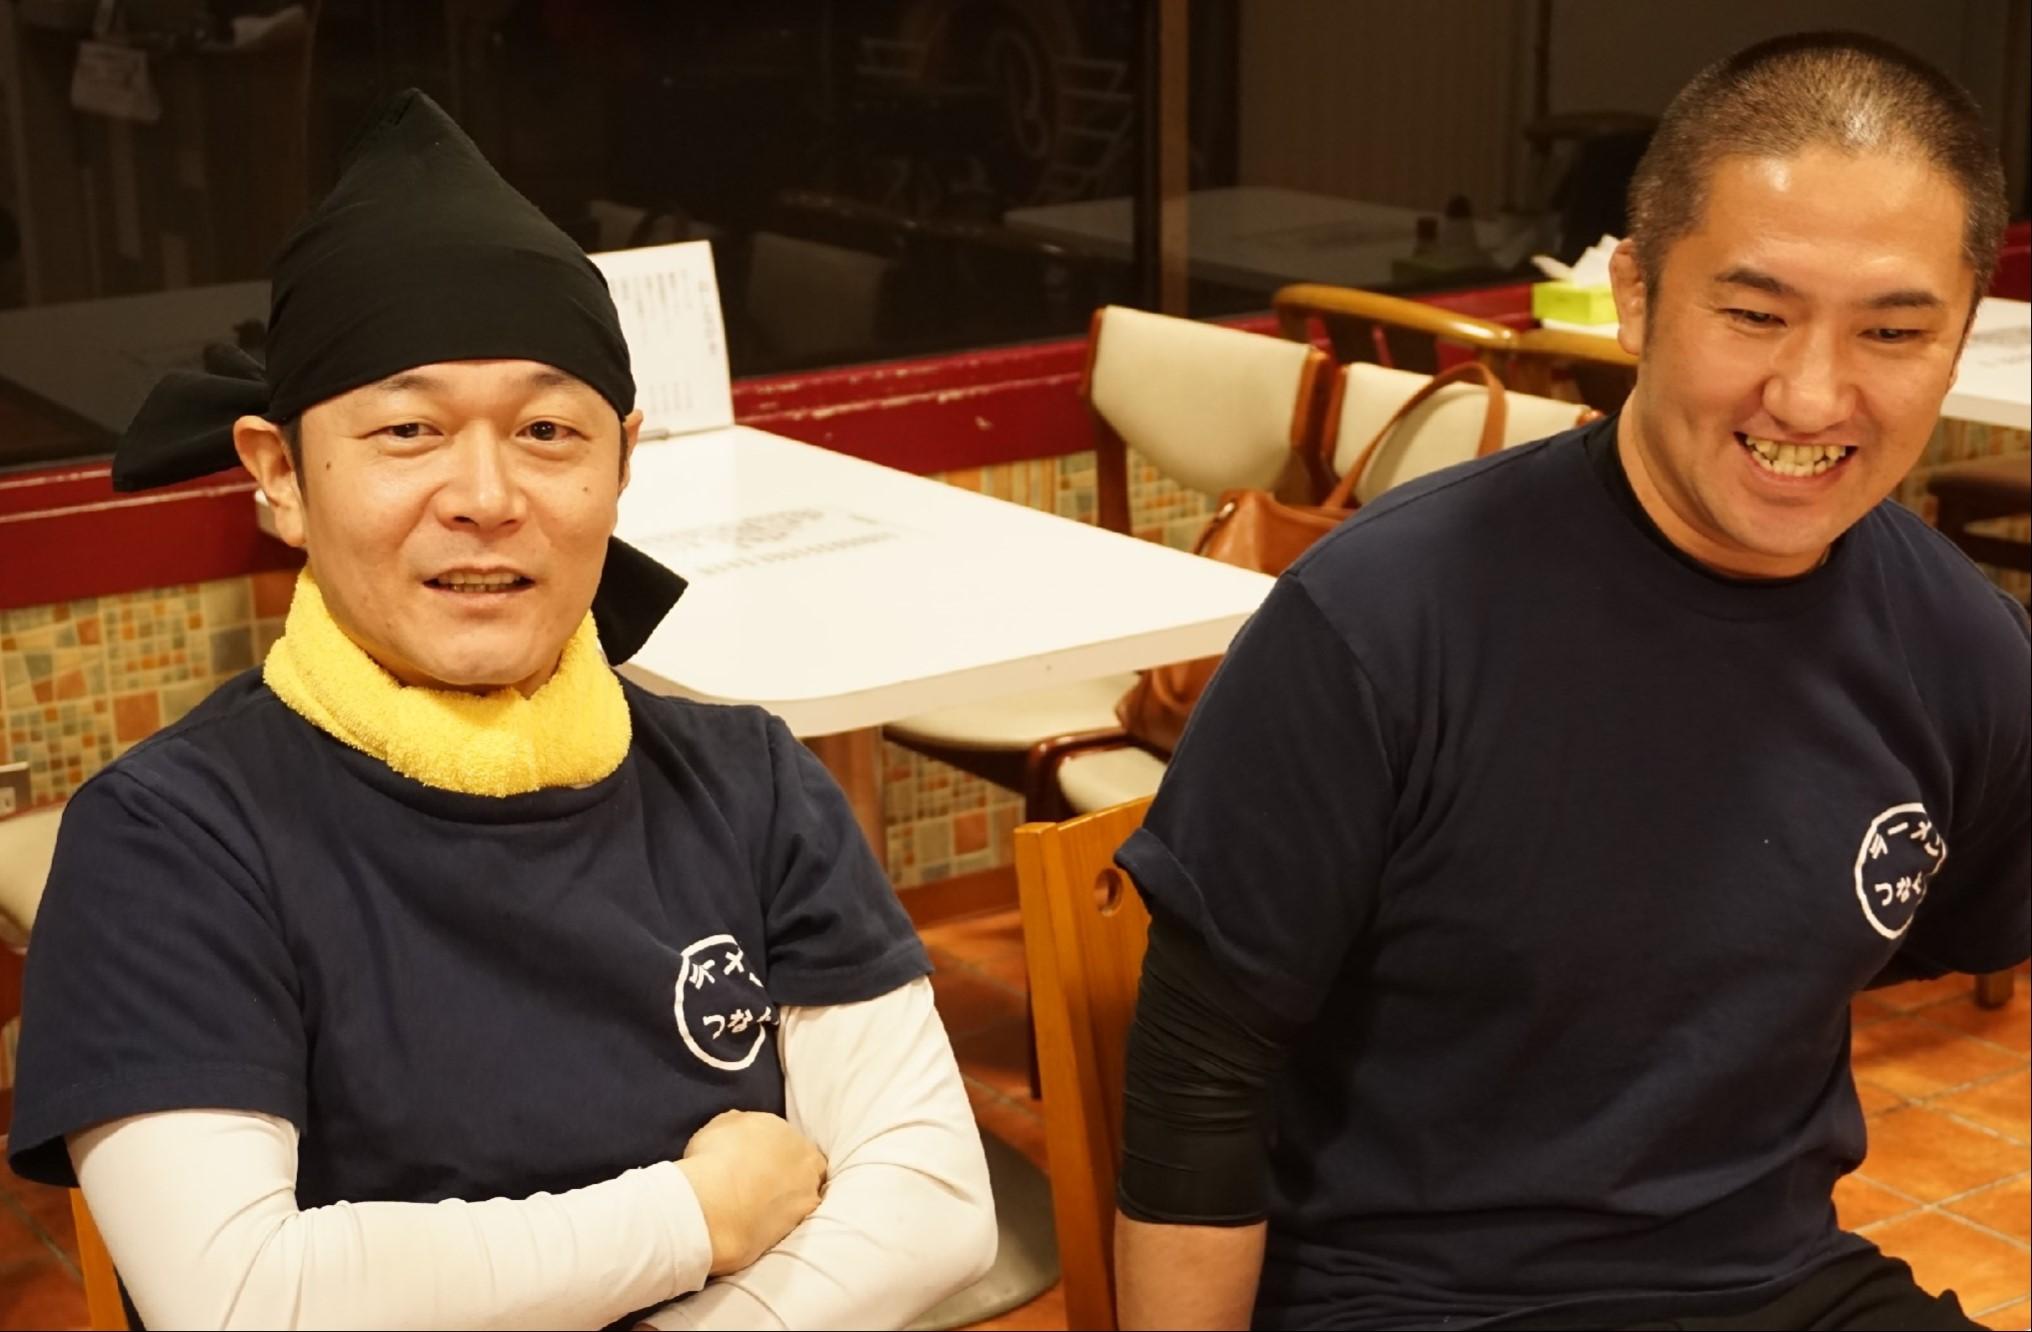 移住した奥康司さんとジェロムさんのツーショット写真